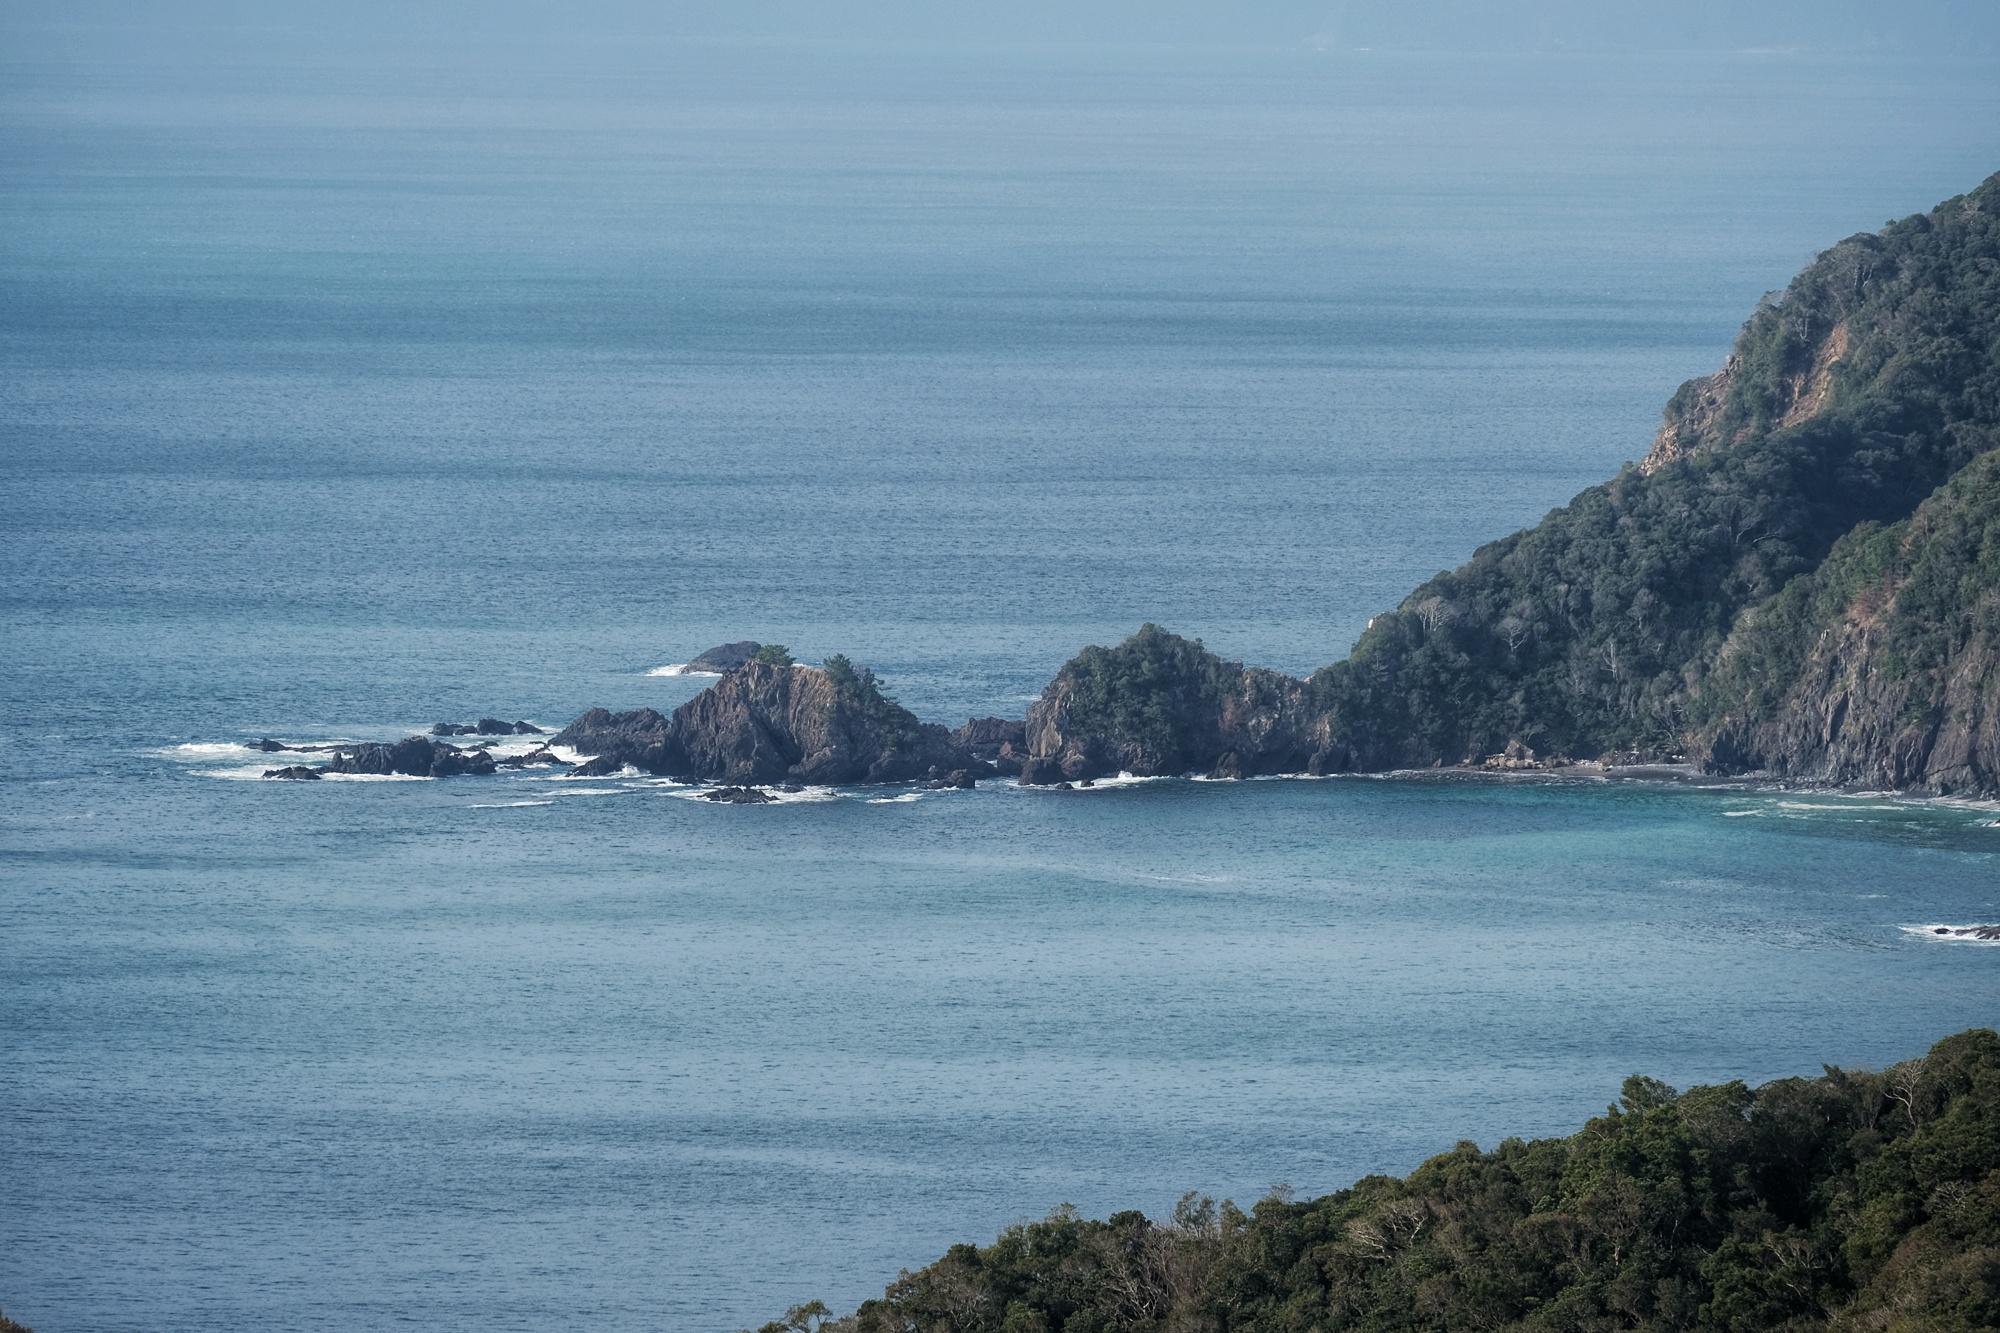 Littoral de l'océan Pacifique sur l'île de Shikoku